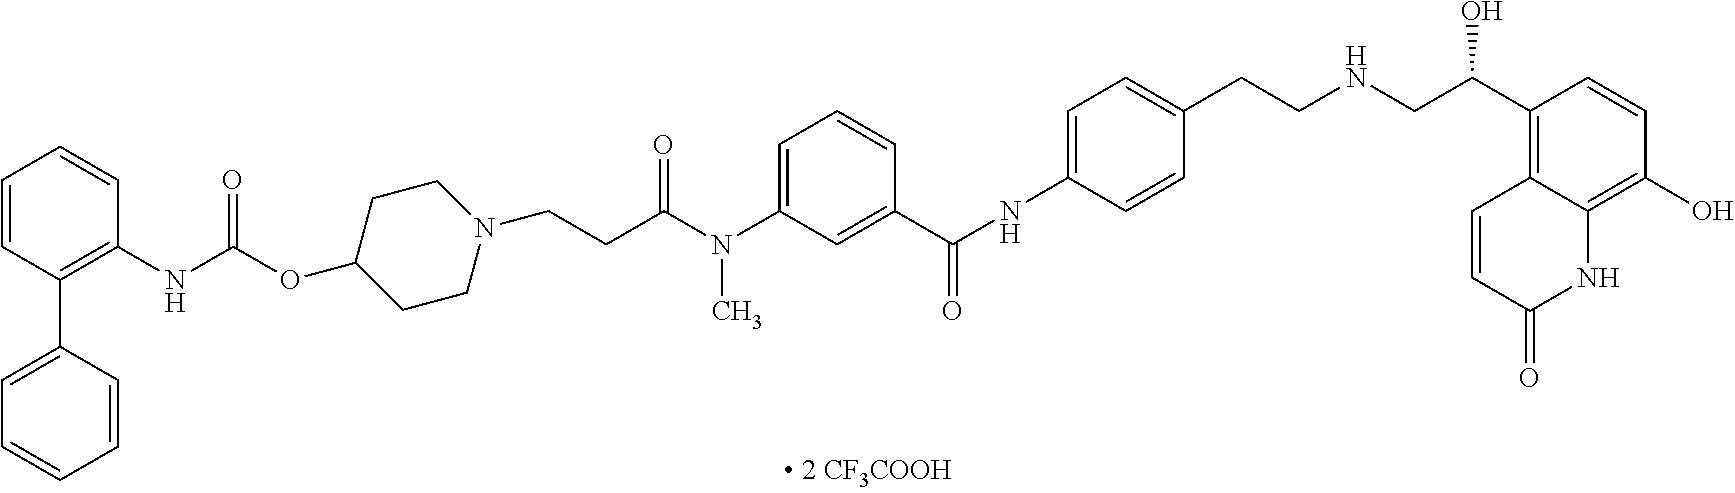 Figure US10138220-20181127-C00262